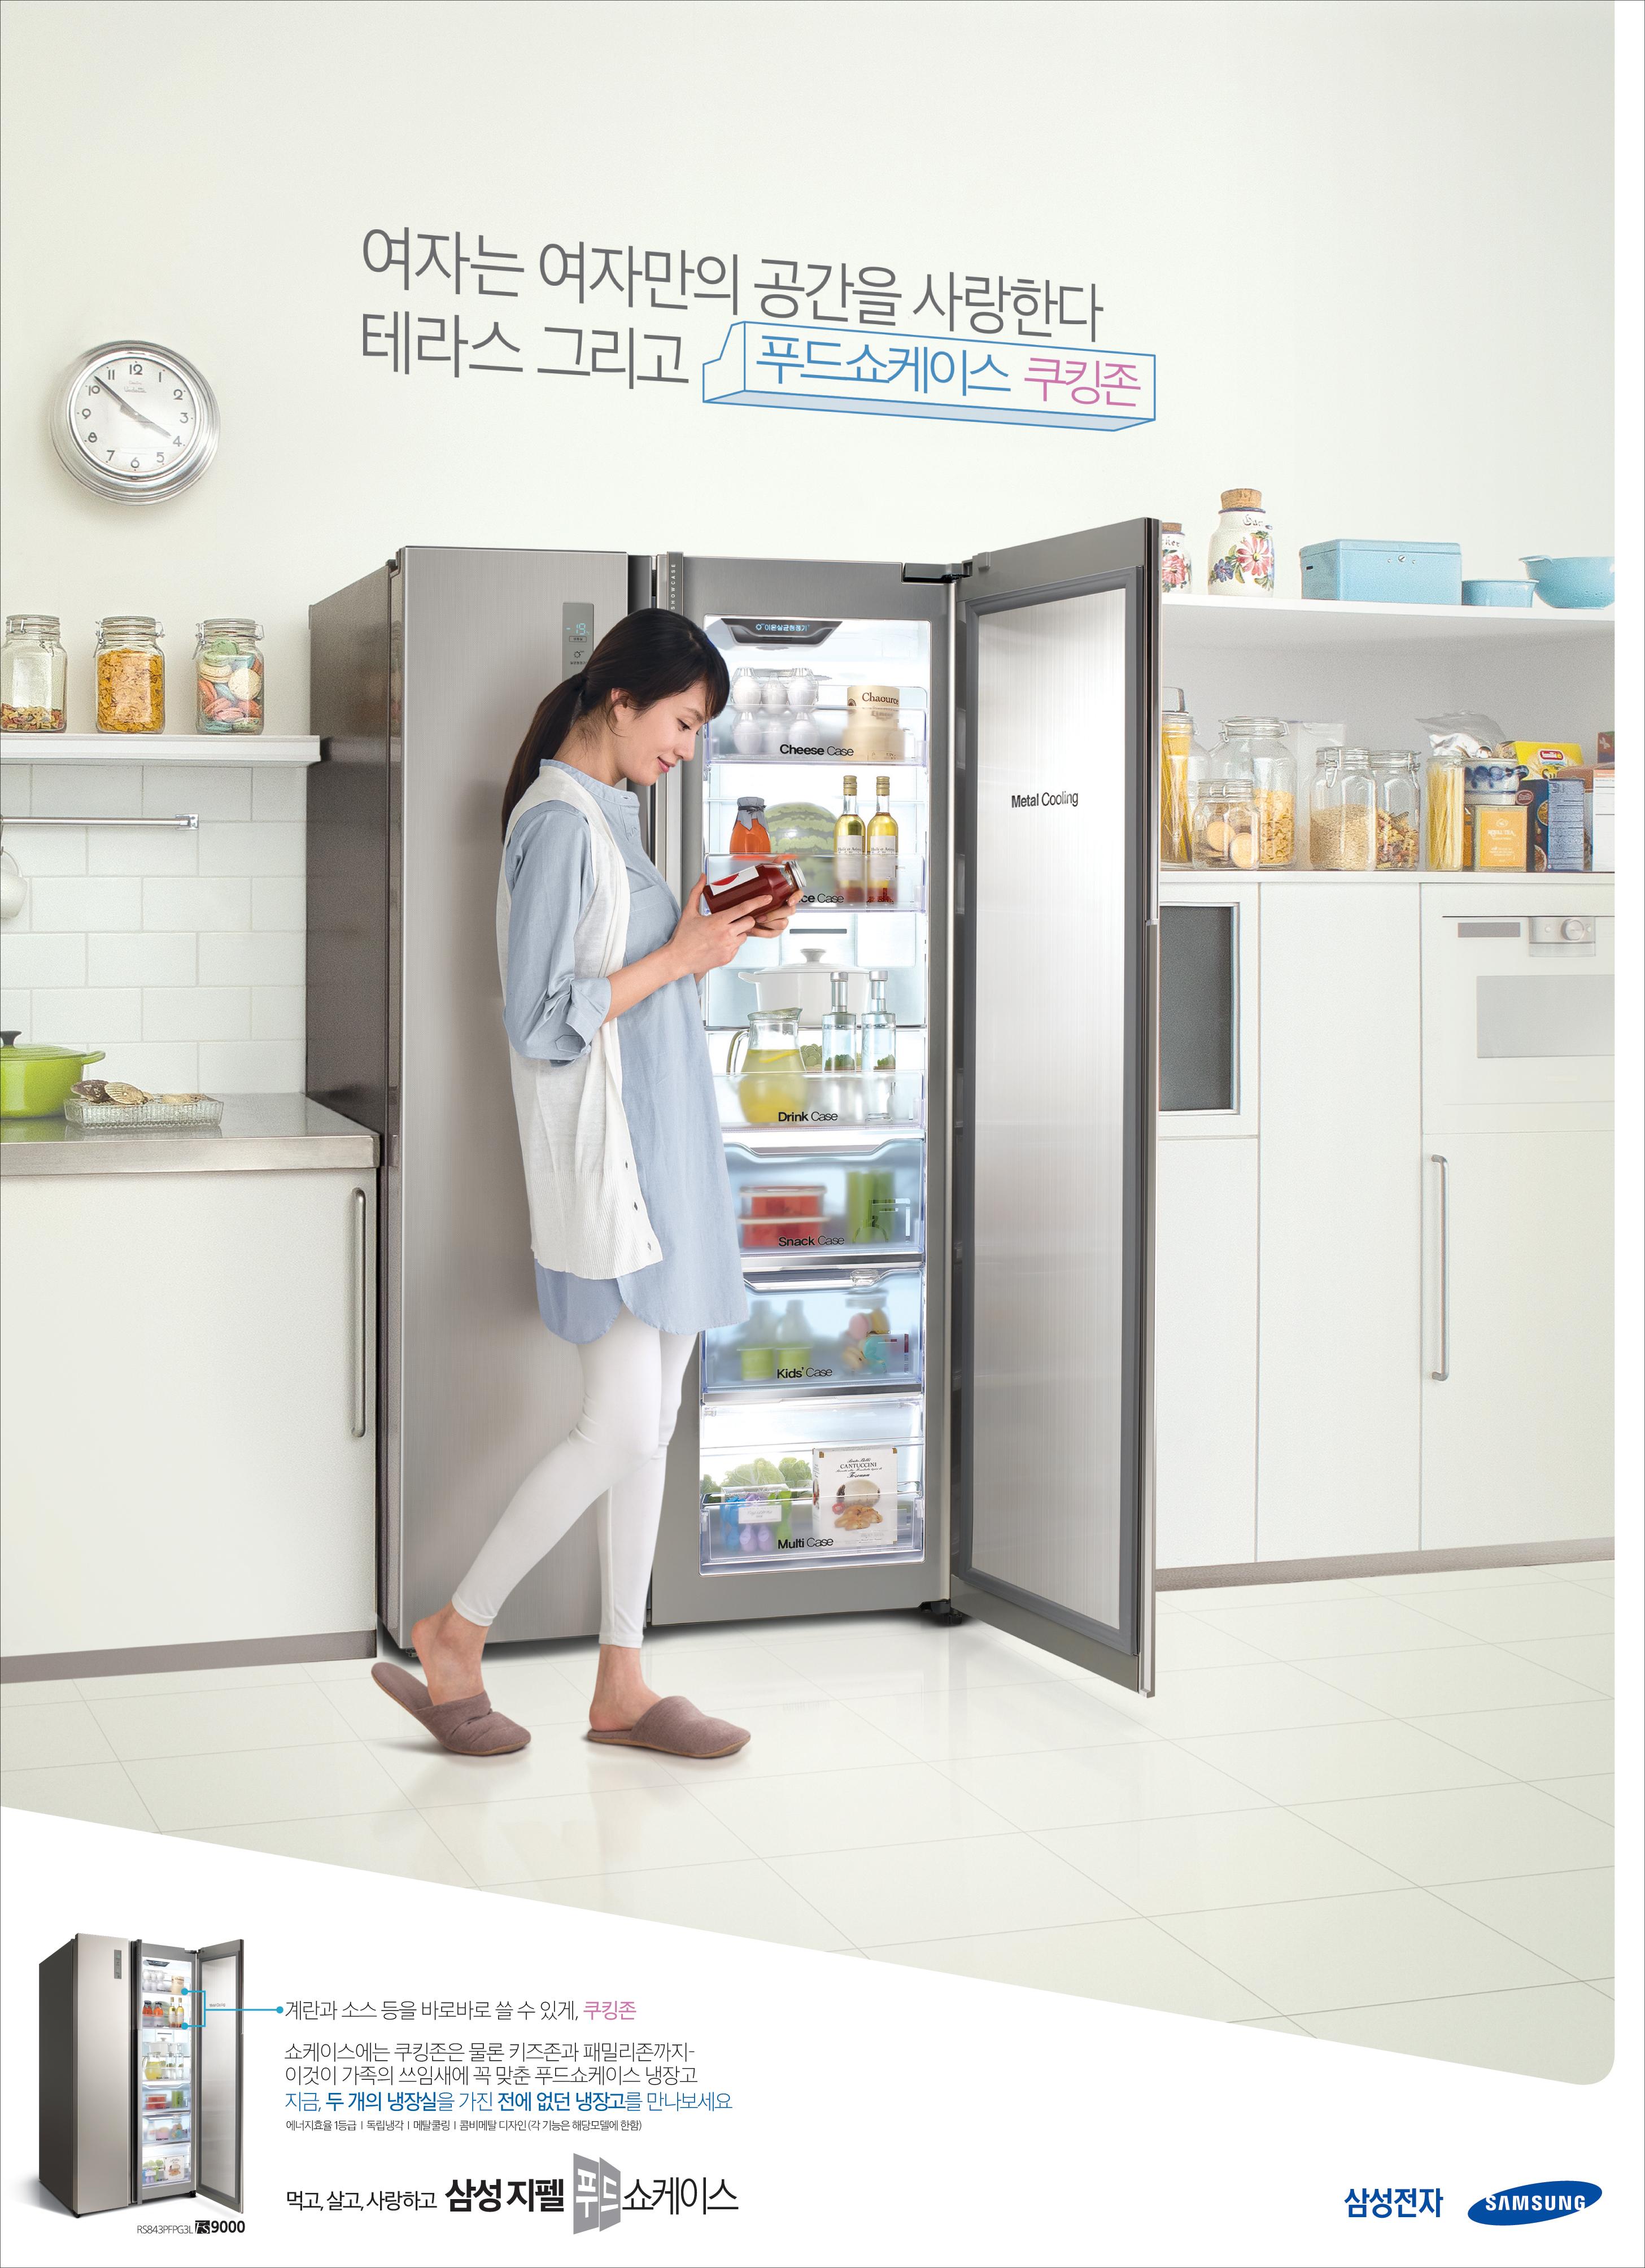 '삼성지펠 푸드 쇼케이스 인쇄광고 시리즈' 여자는 여자만의 공간을 사랑한다 테라스 그리고 푸드쇼케이스 쿠킹존